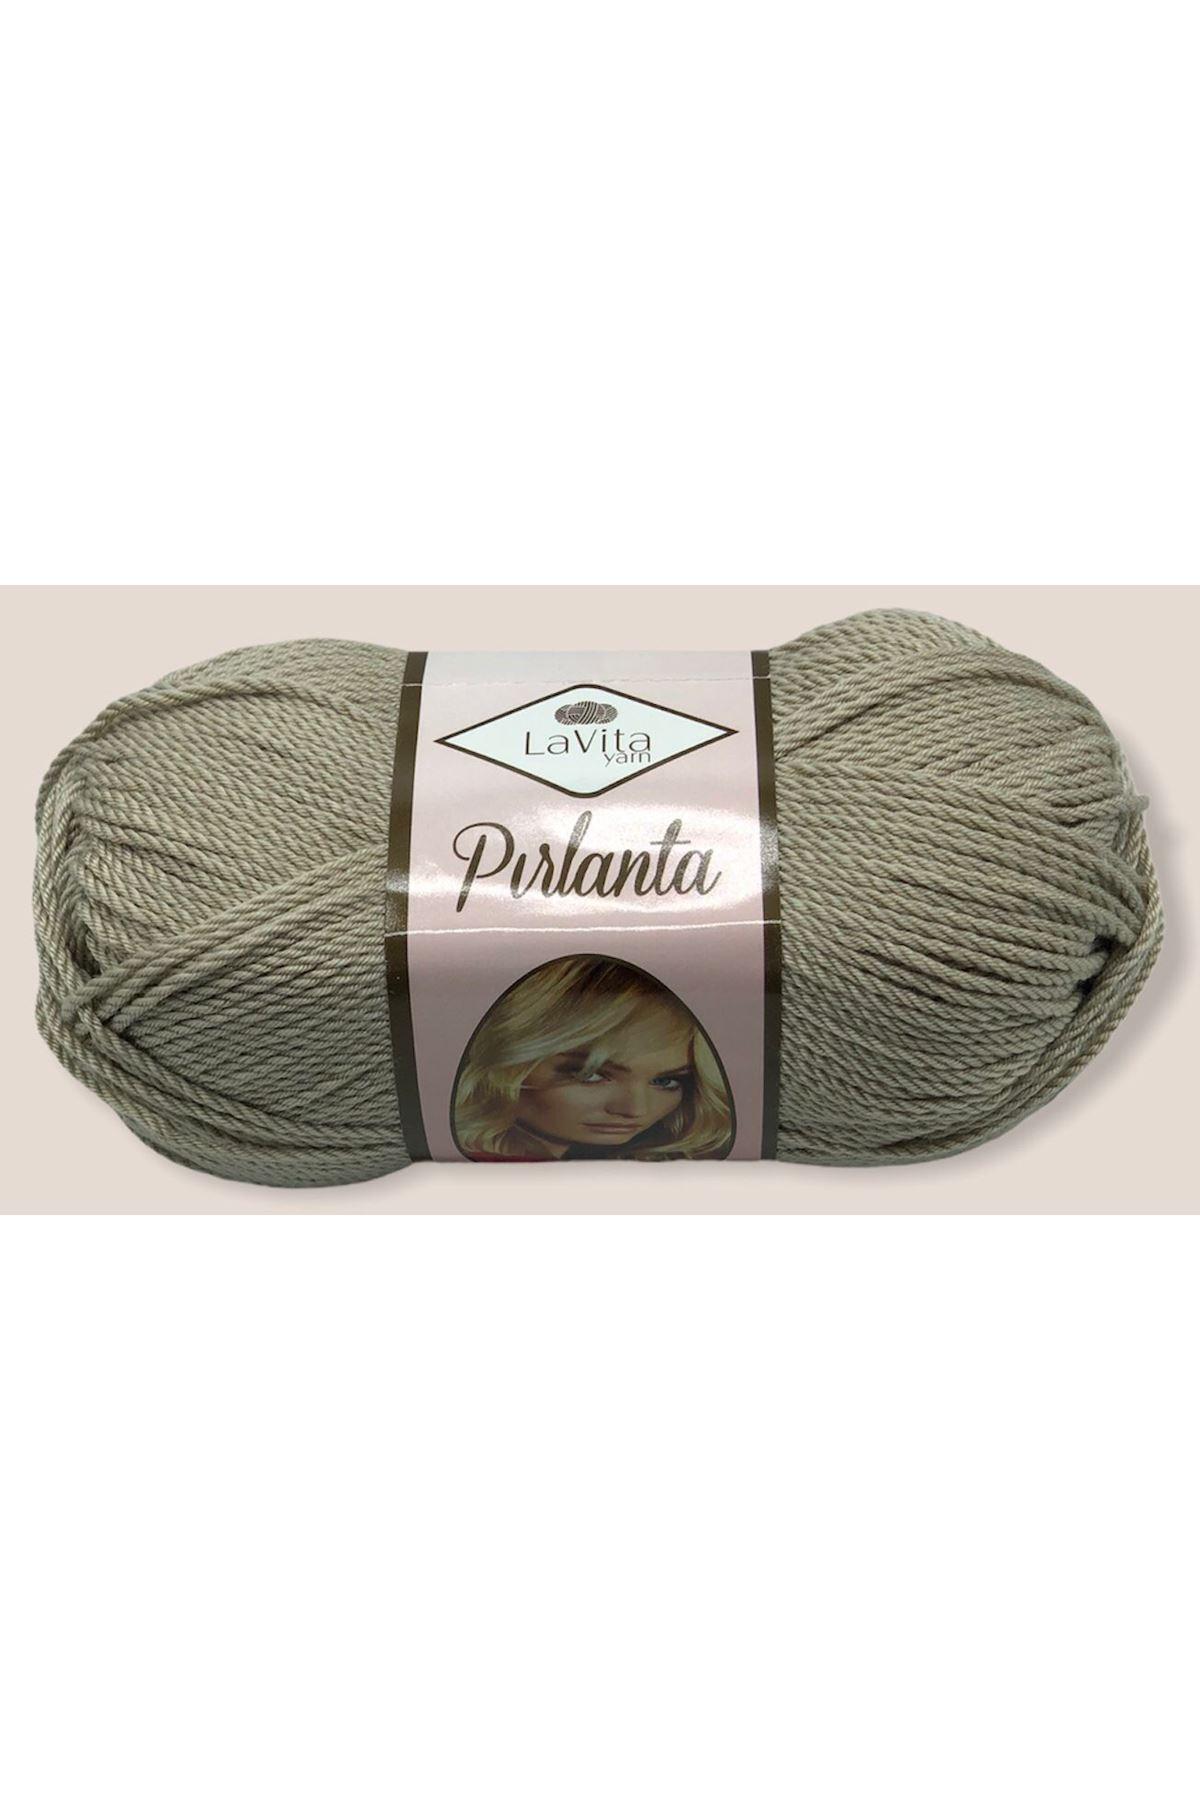 Lavita Pırlanta - 9794 Vizon